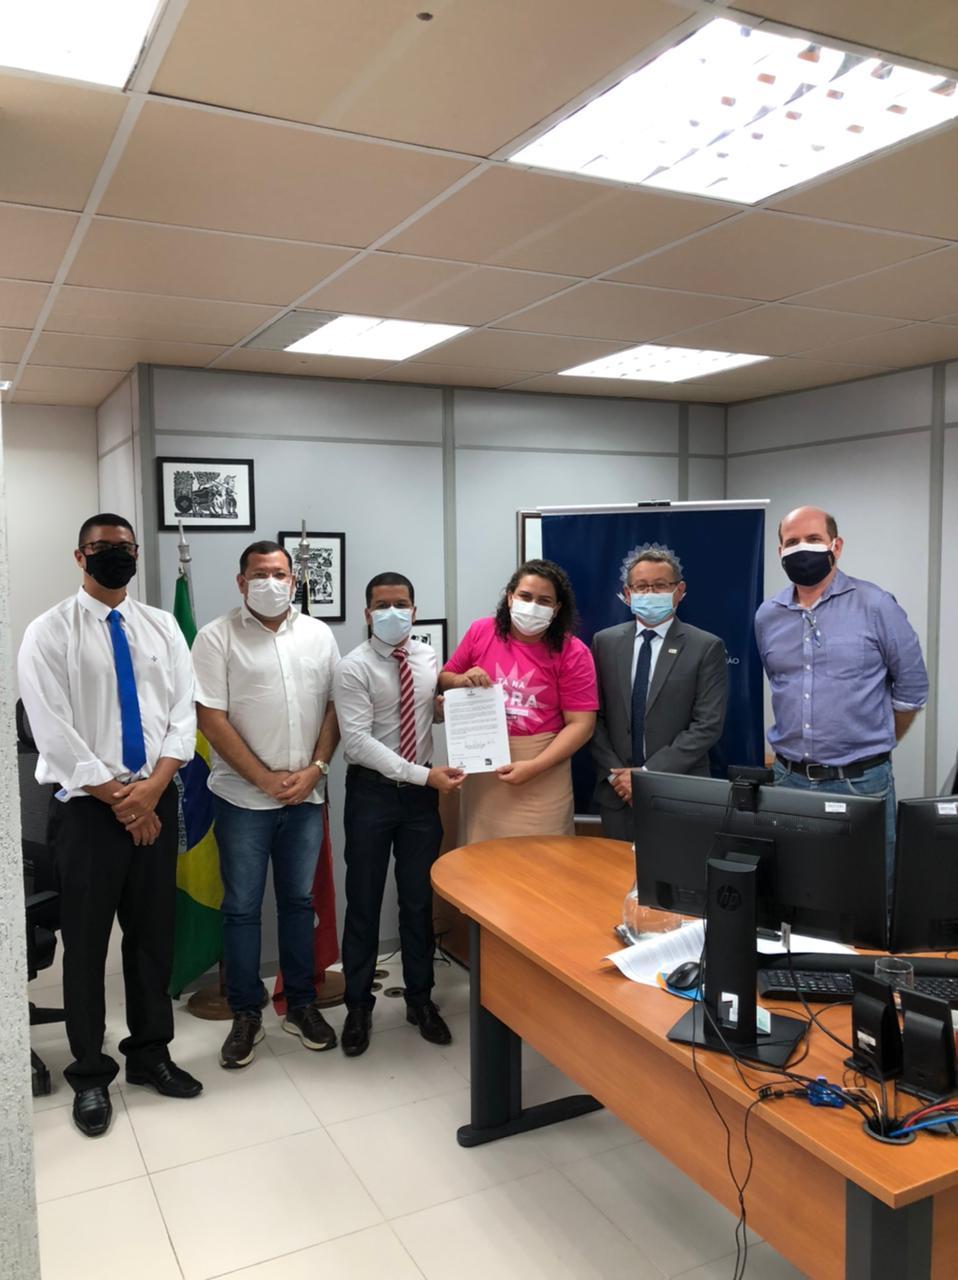 eb8aee4f cf1f 4f8b 8fa7 2f2a05f6a3d0 - Prefeita Luciene se reúne com superintendente da CGU e adere ao programa de transparência pública Time Brasil